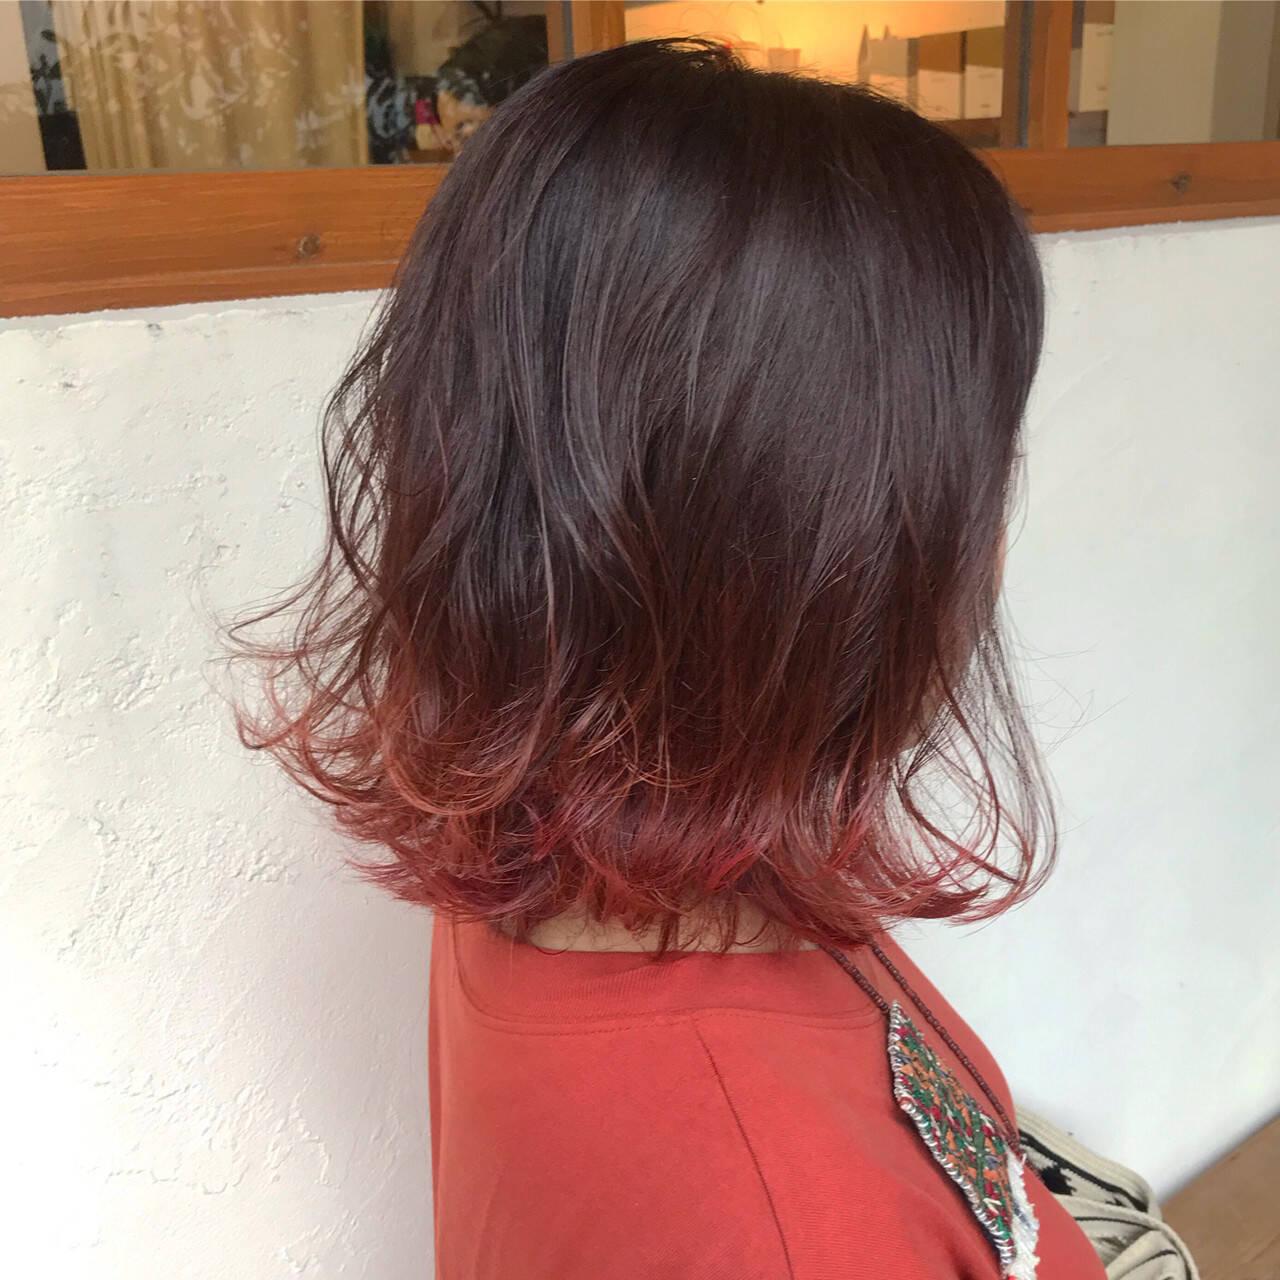 ピンク ストリート ボブ 赤髪ヘアスタイルや髪型の写真・画像